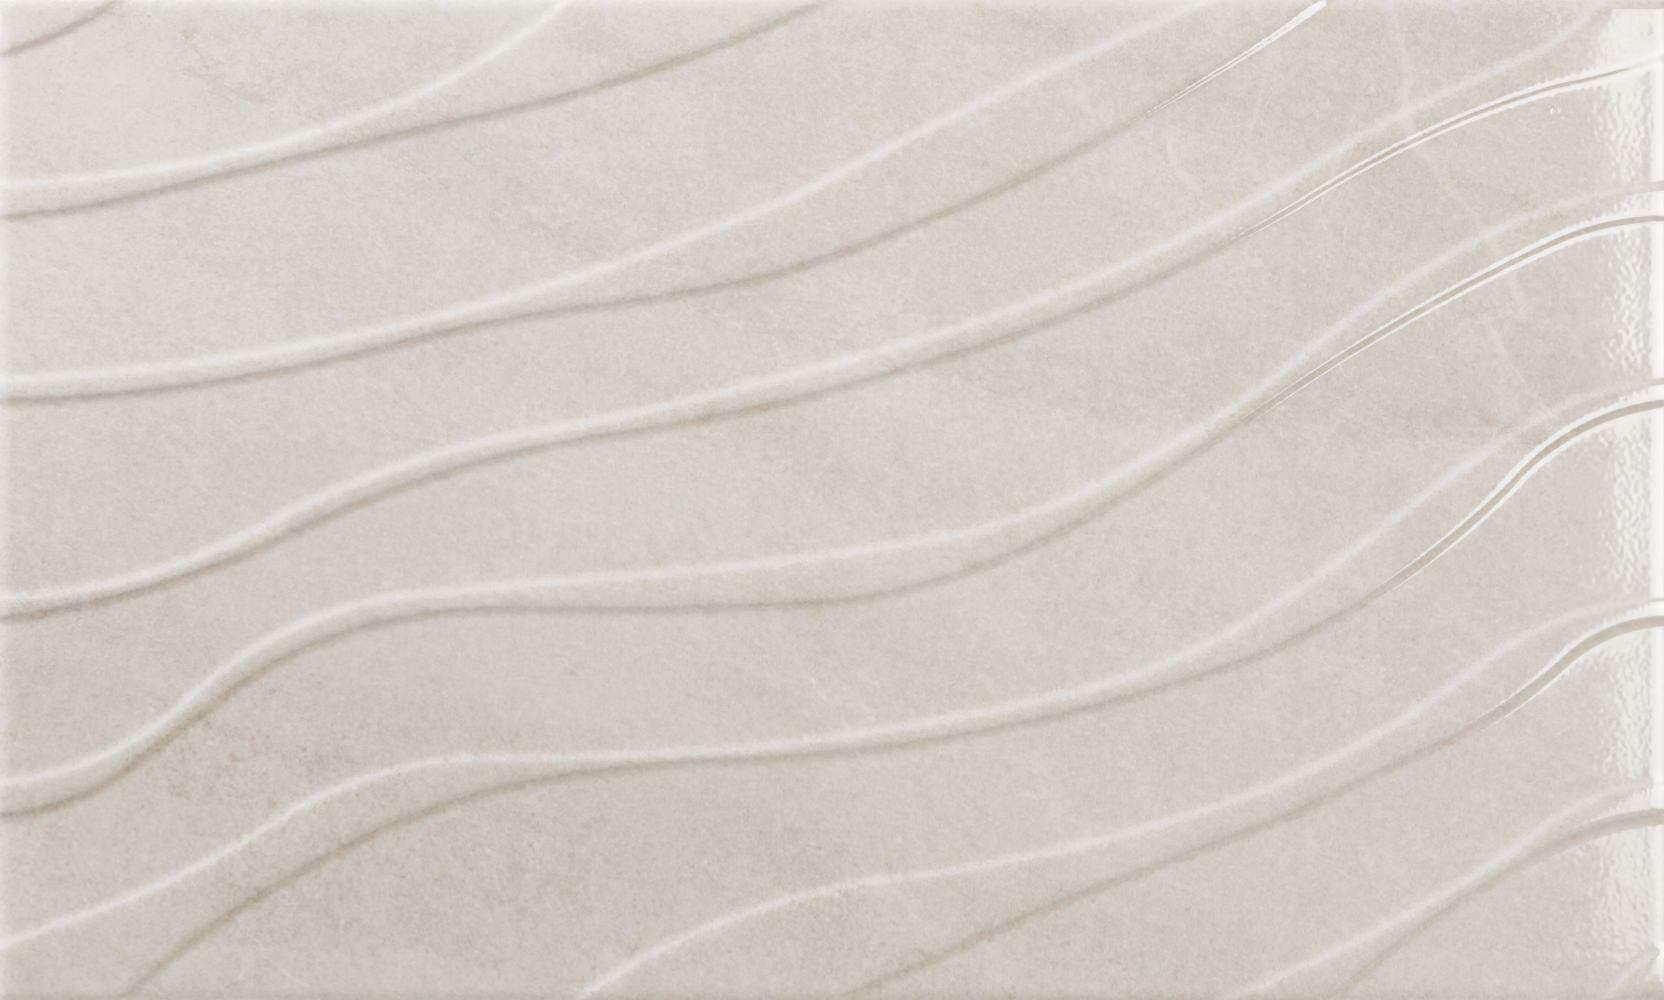 Faianță pentru baie Ecoceramic Origami Ona Perla 333x550 lucioasă gri / 10